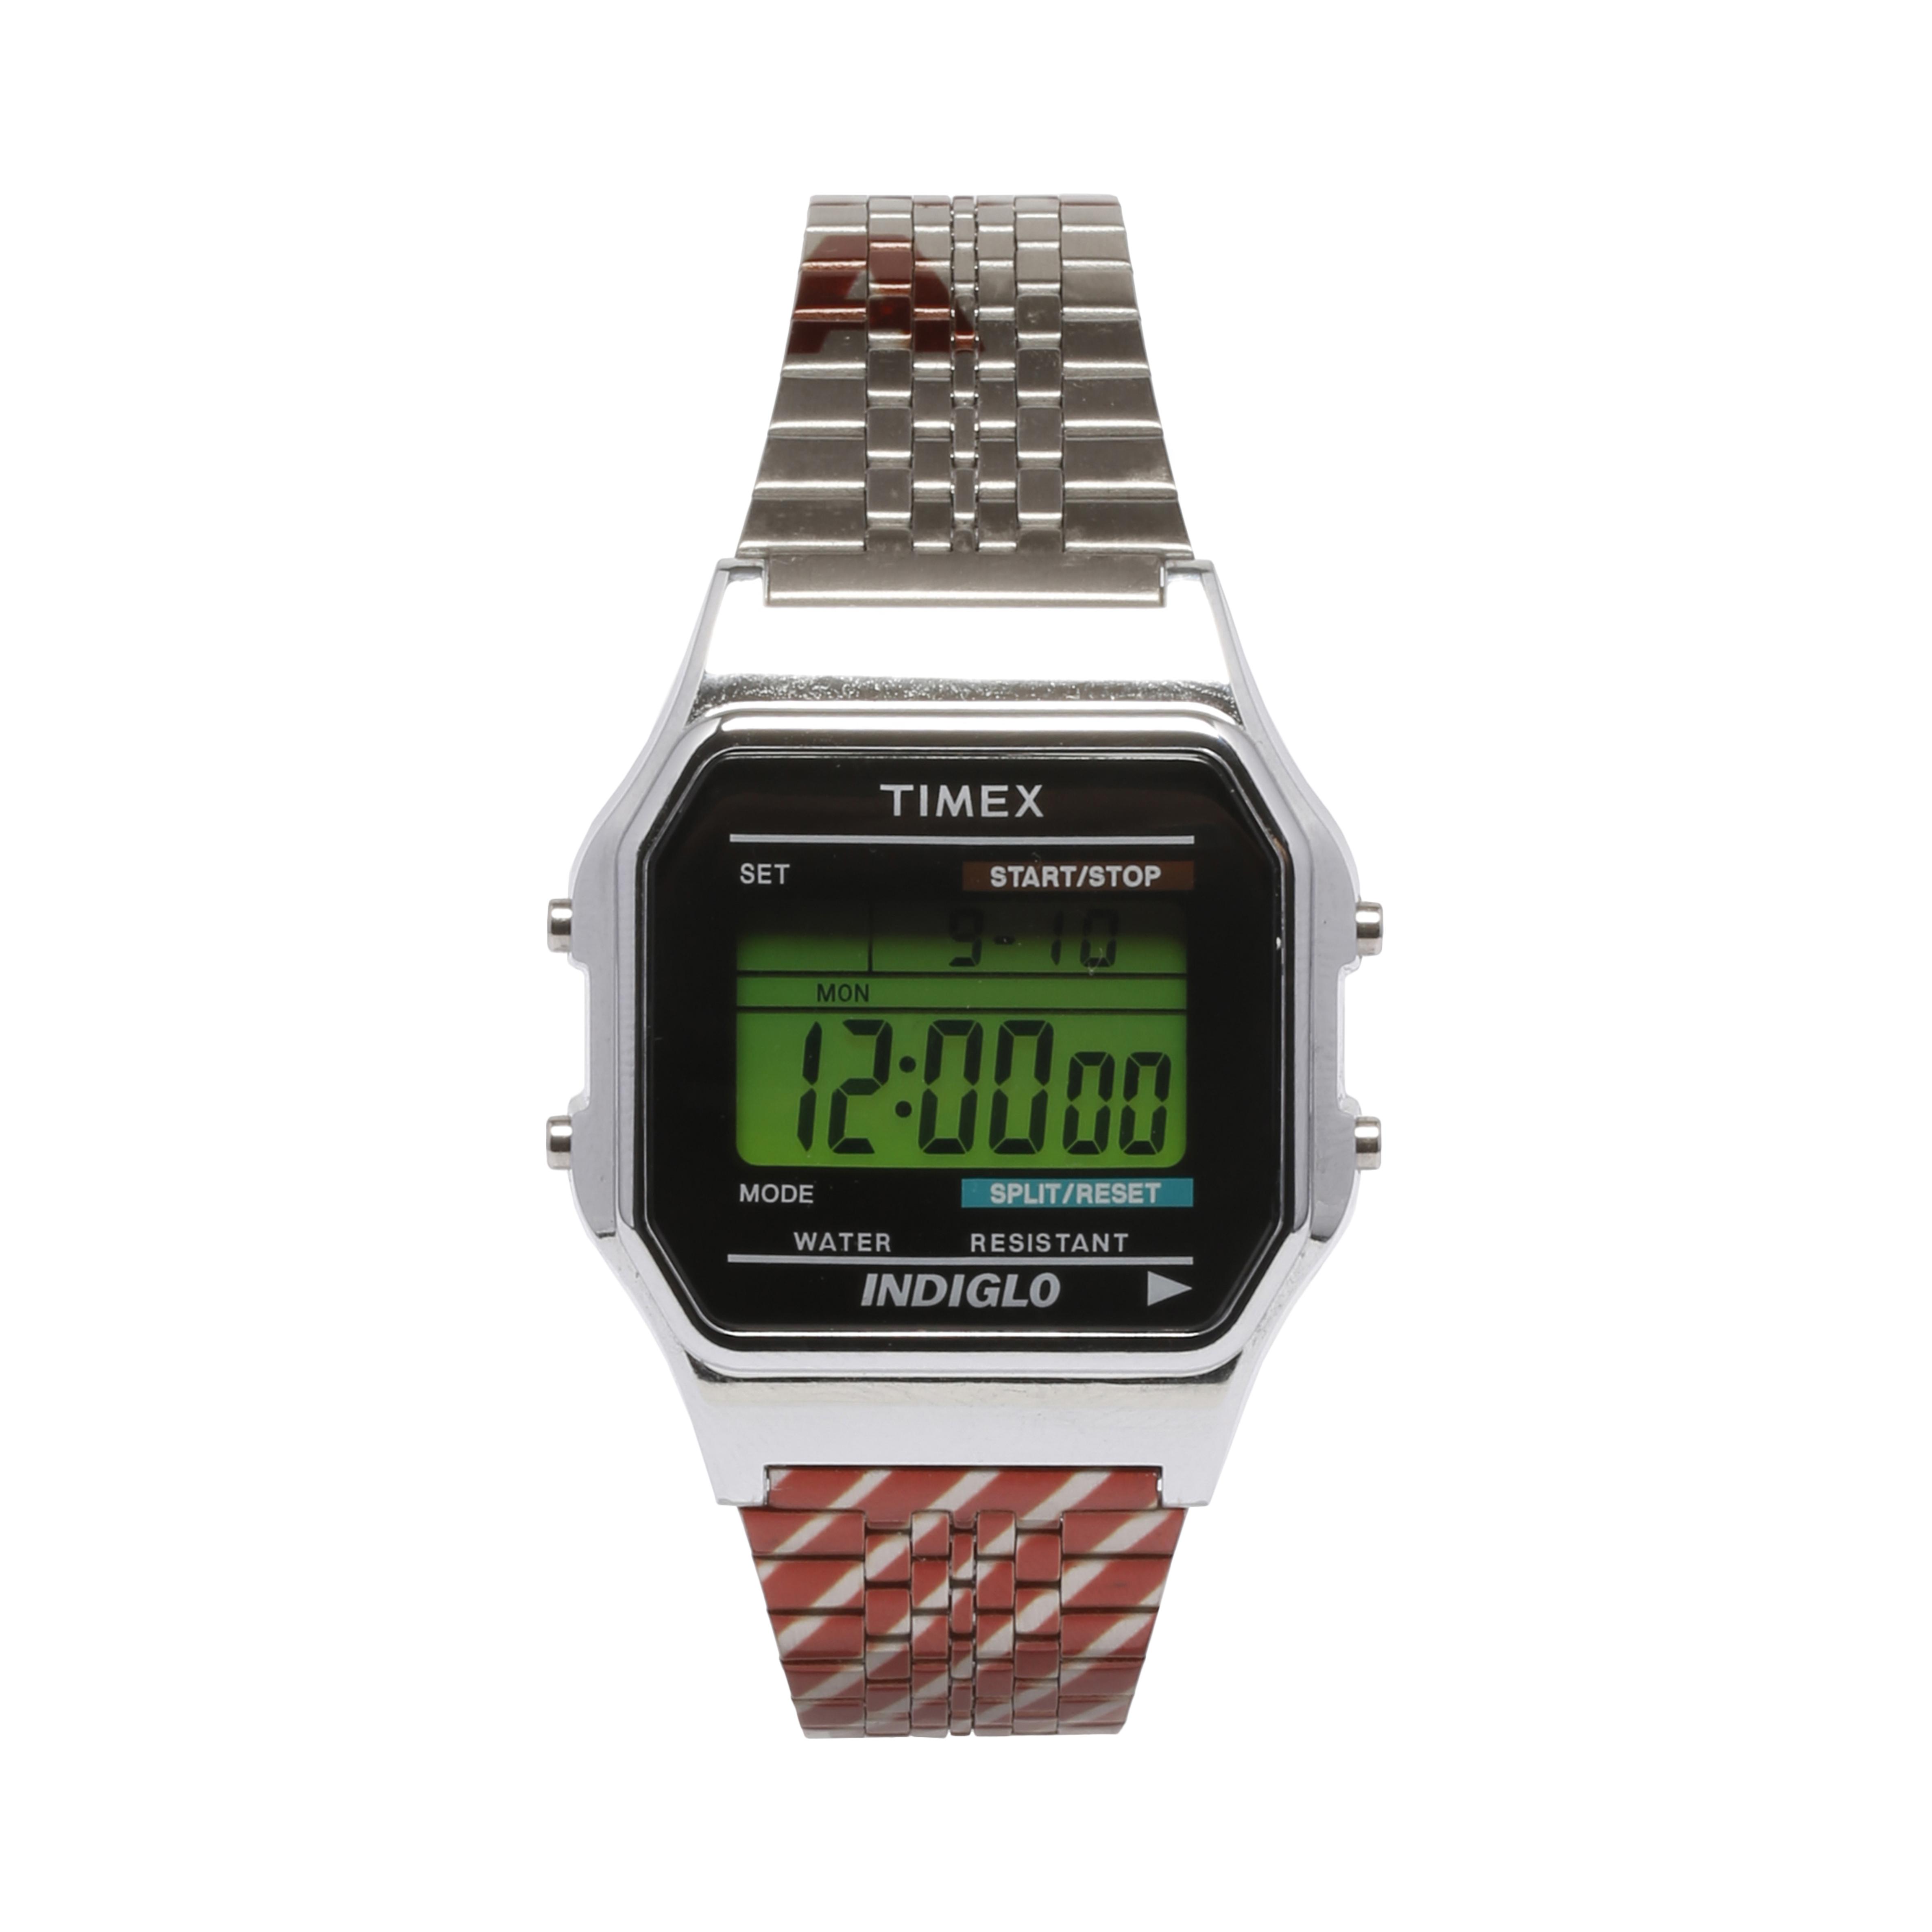 orologio timex per antonia